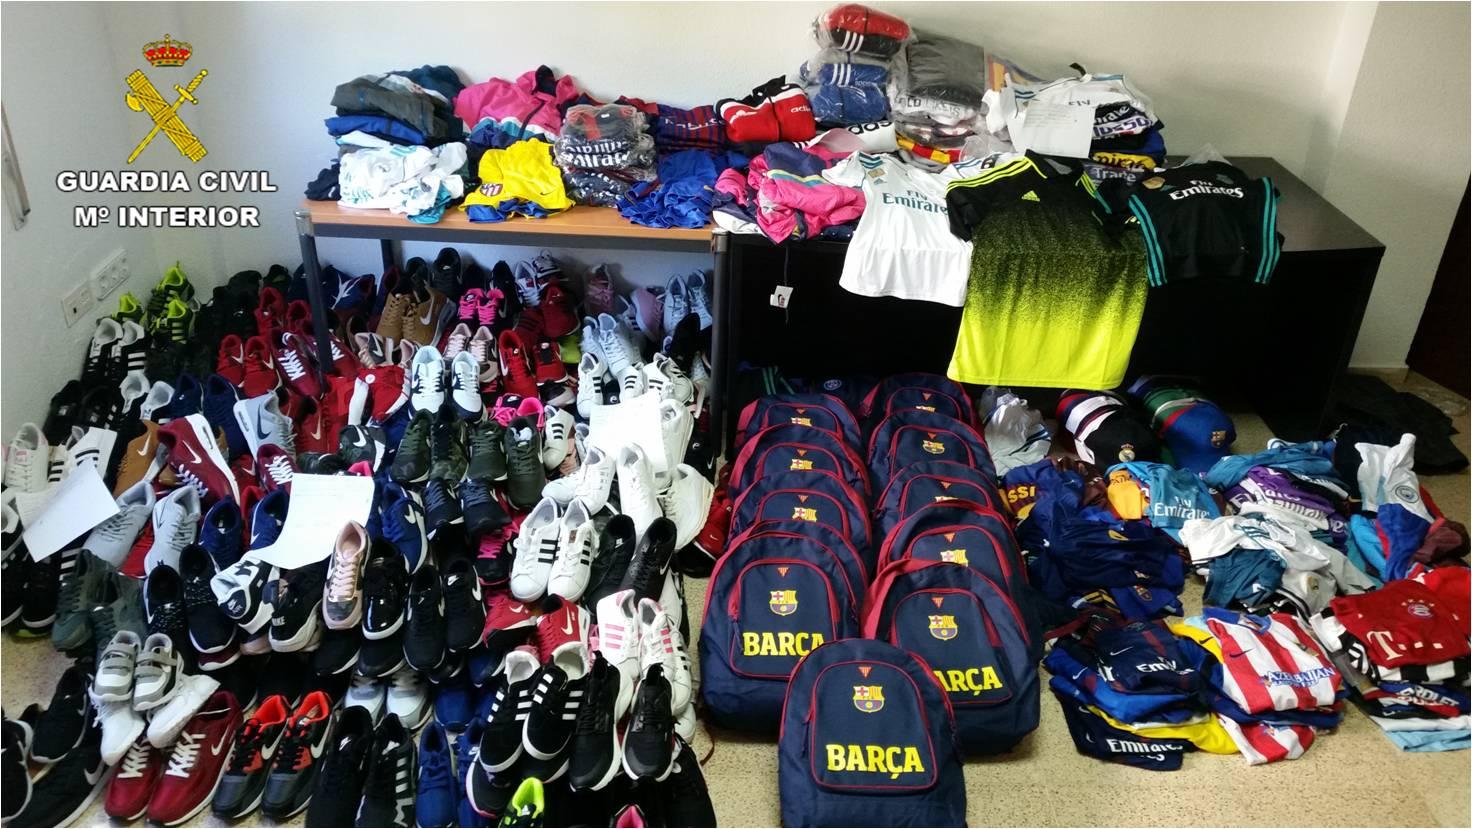 48fa0fabd37b La Guardia Civil ha appreso che in varie posizioni del mercato settimanale  di Denia vendevano prodotti sportivi, come abbigliamento e calzature, forse  falsi ...